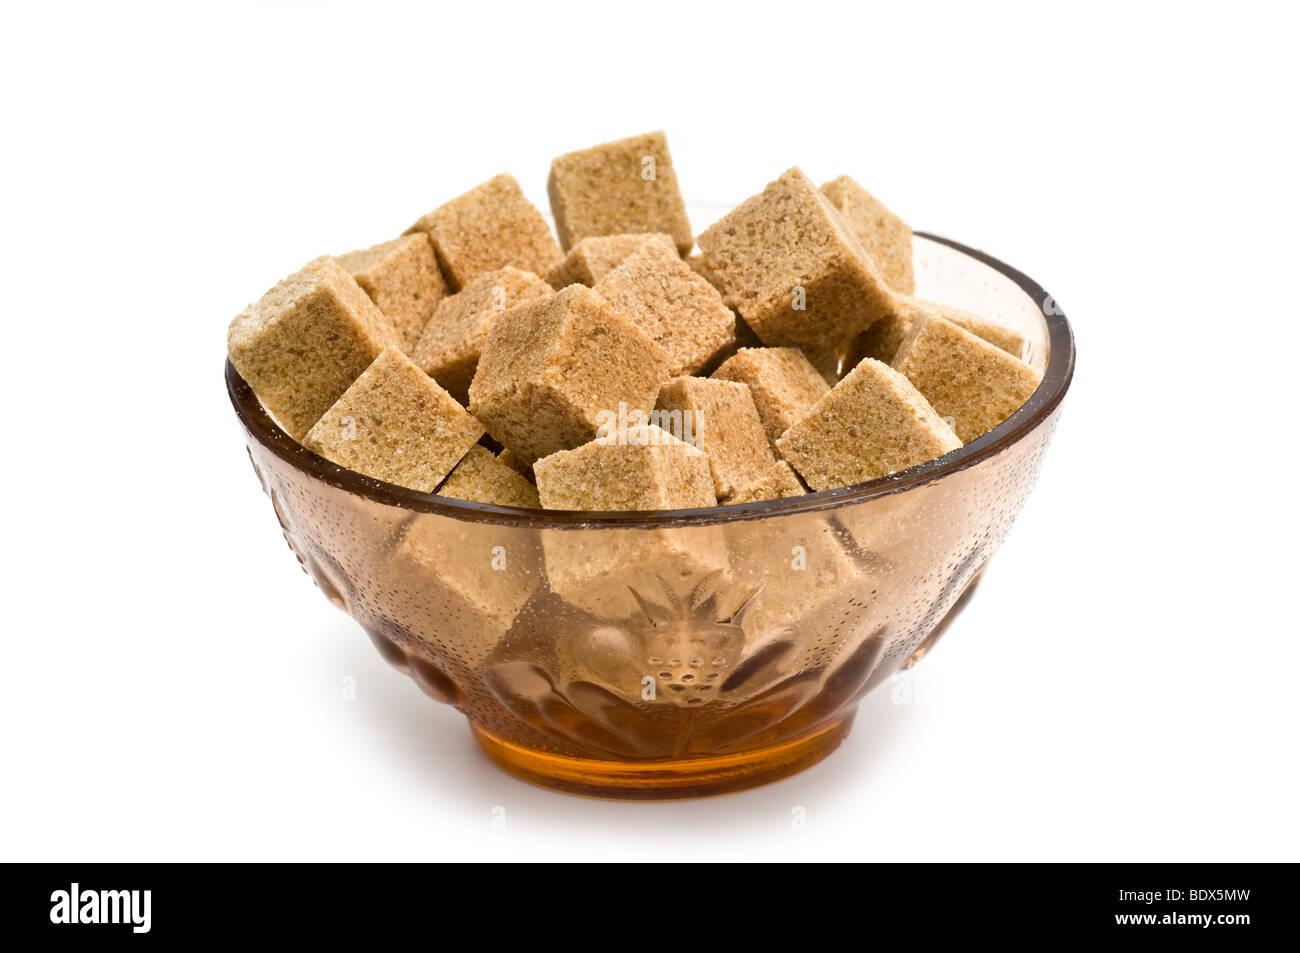 Brown lo zucchero di canna nel recipiente isolato su bianco Immagini Stock